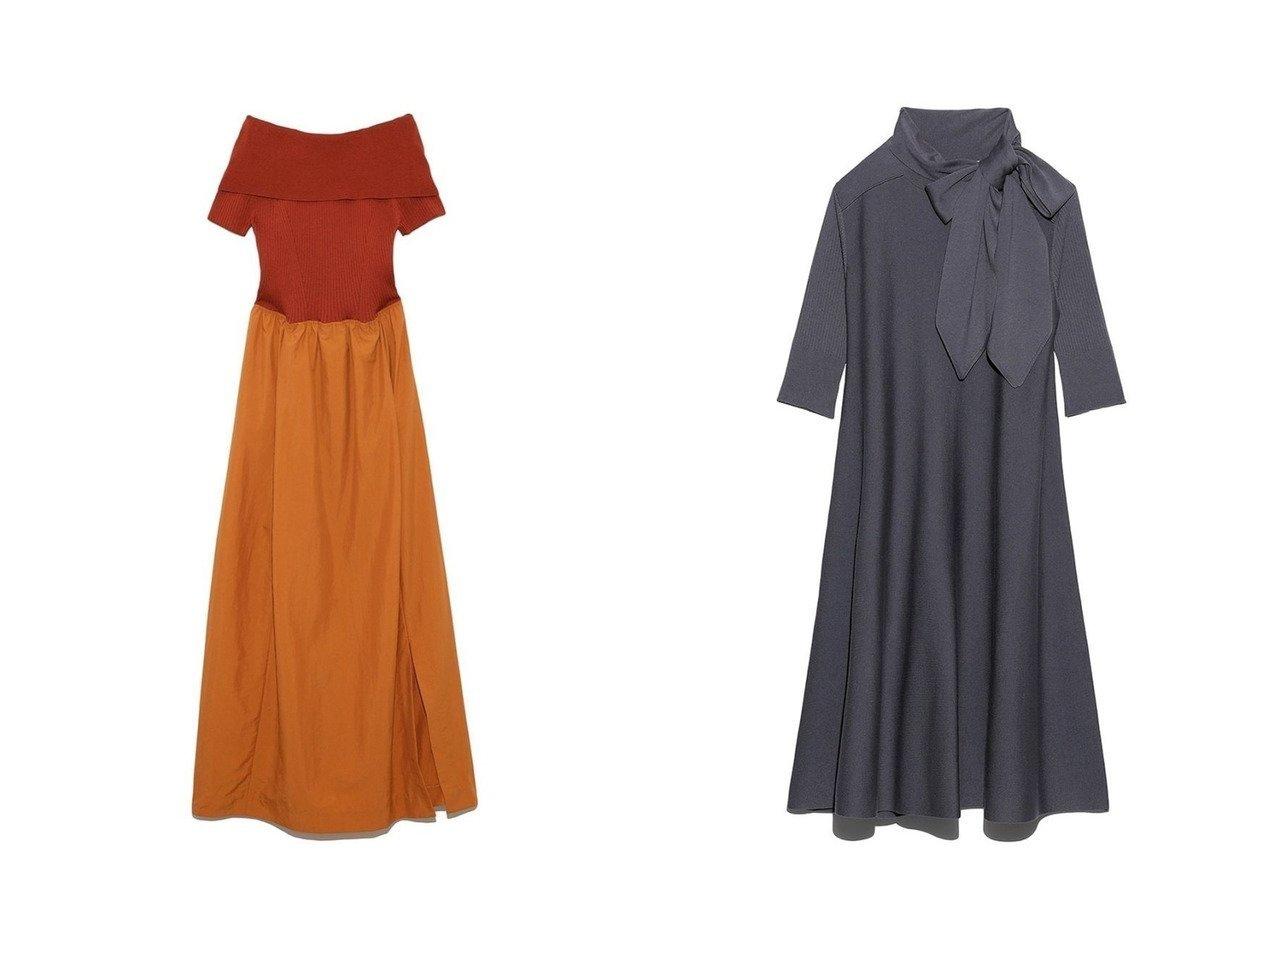 【styling/スタイリング】のオフショルダー ドッキングドレス&【FURFUR/ファーファー】のボウタイニットワンピース ワンピース・ドレスのおすすめ!人気、トレンド・レディースファッションの通販  おすすめで人気の流行・トレンド、ファッションの通販商品 メンズファッション・キッズファッション・インテリア・家具・レディースファッション・服の通販 founy(ファニー) https://founy.com/ ファッション Fashion レディースファッション WOMEN ワンピース Dress ドレス Party Dresses ニットワンピース Knit Dresses オフショルダー デコルテ ドッキング ドレス バランス ロング クラシカル |ID:crp329100000010203